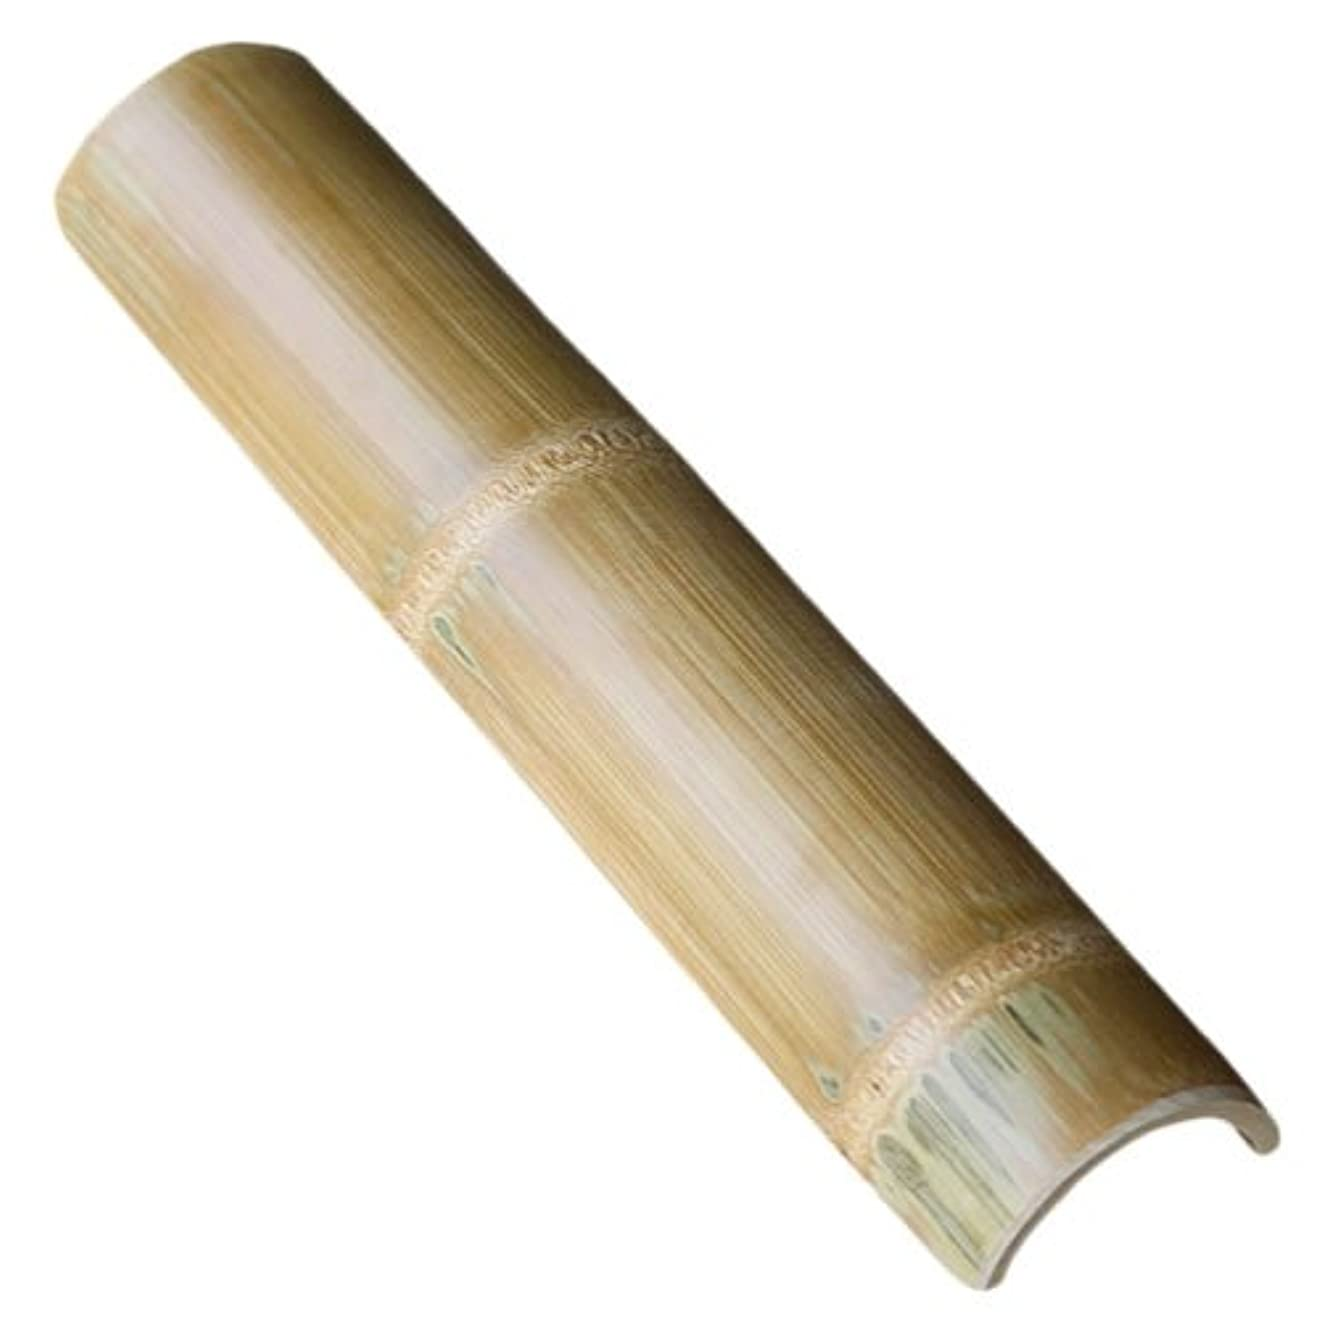 公式対処ジャンクション【国産】青竹を炭化加工して防虫、防カビ効果を向上させて美しく磨き上げています竹踏み(炭化竹)